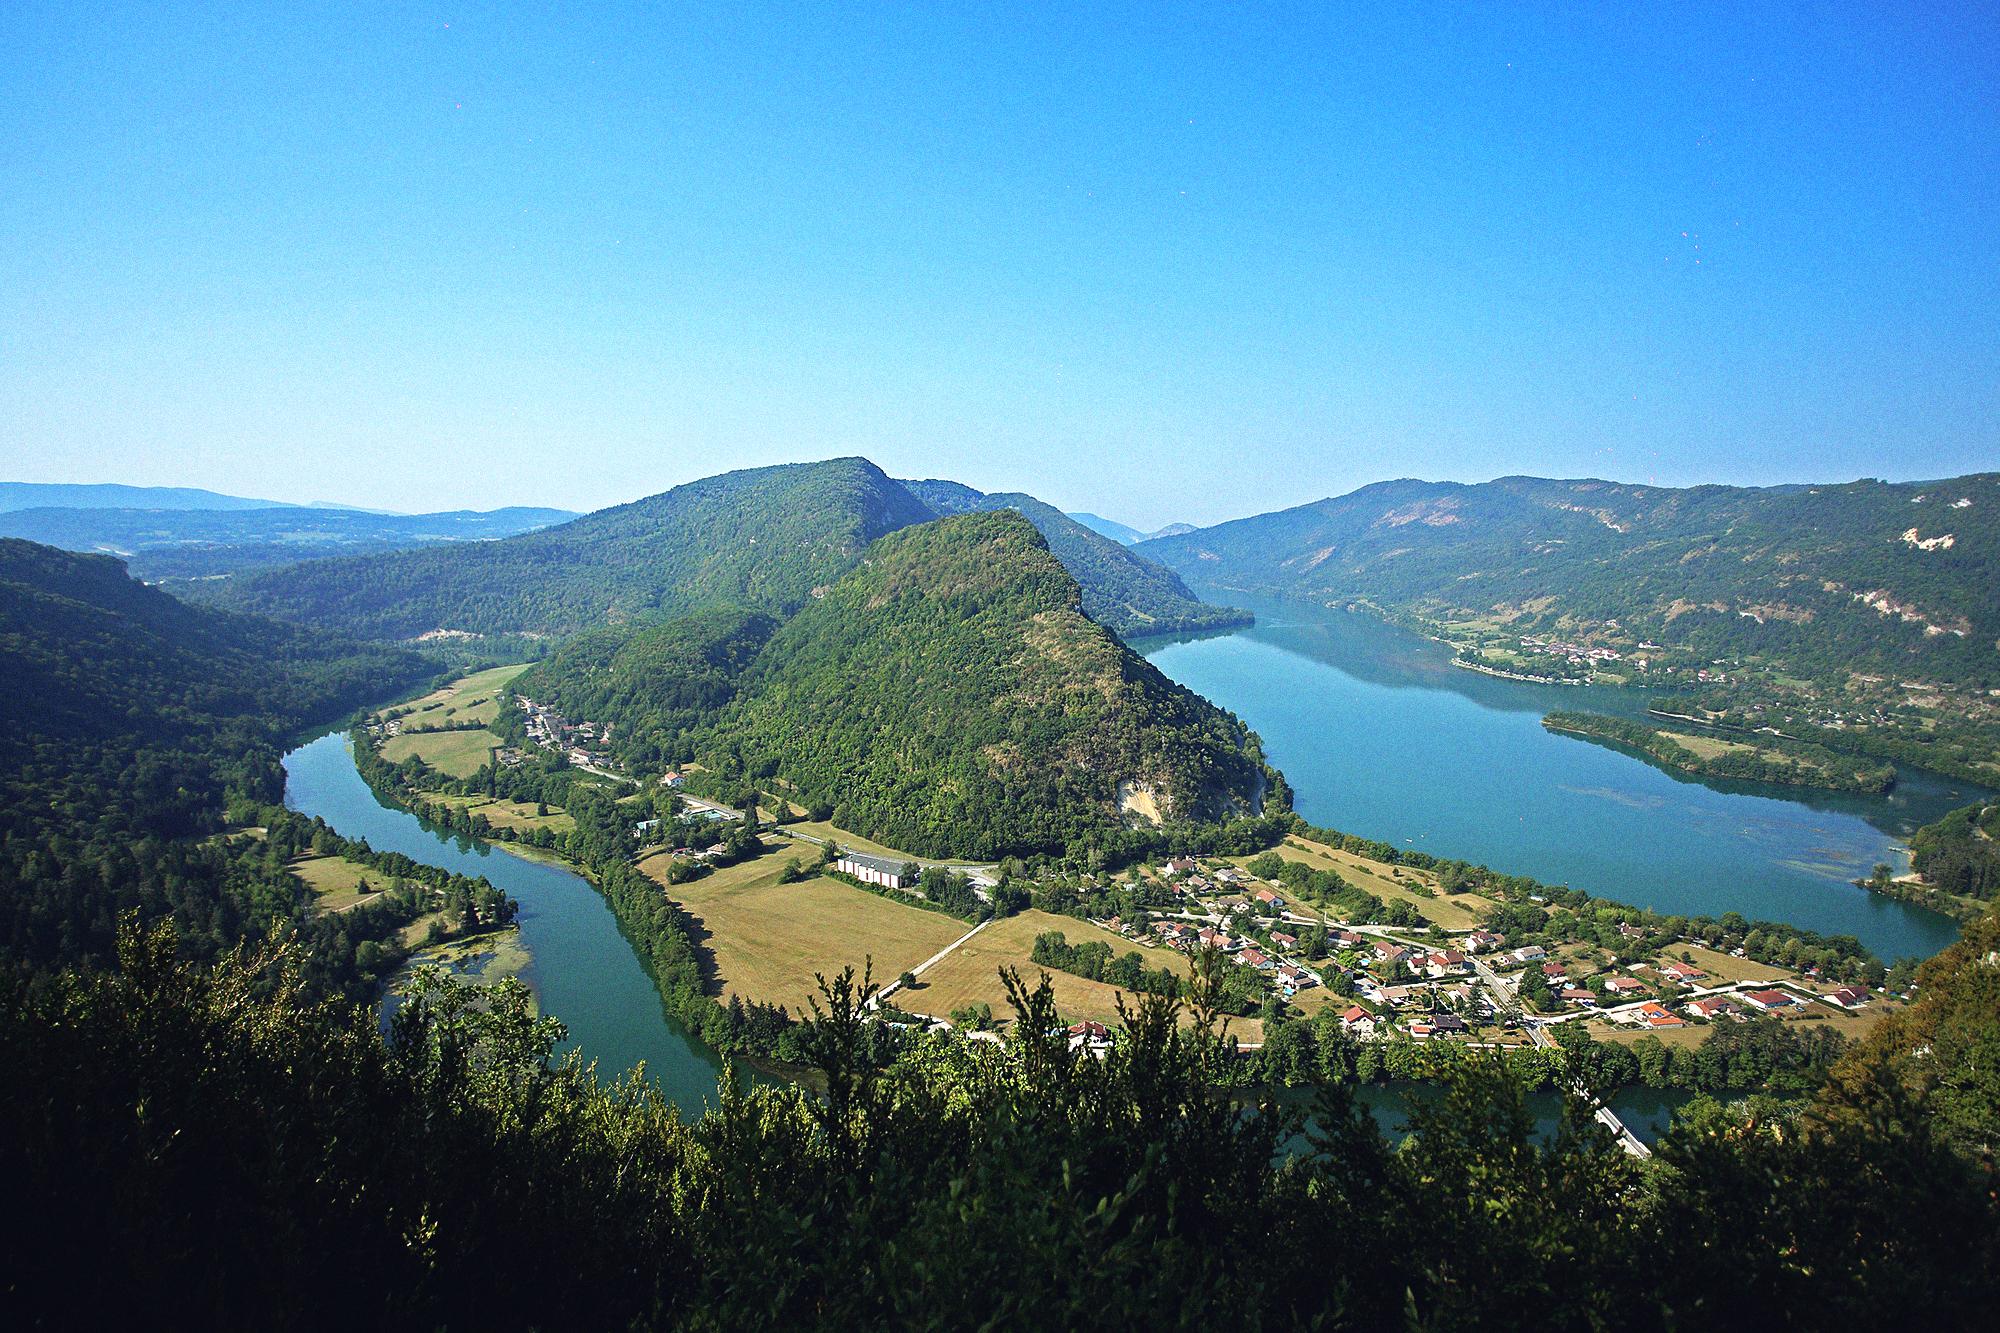 Lac-vouglans-050818-blog-7